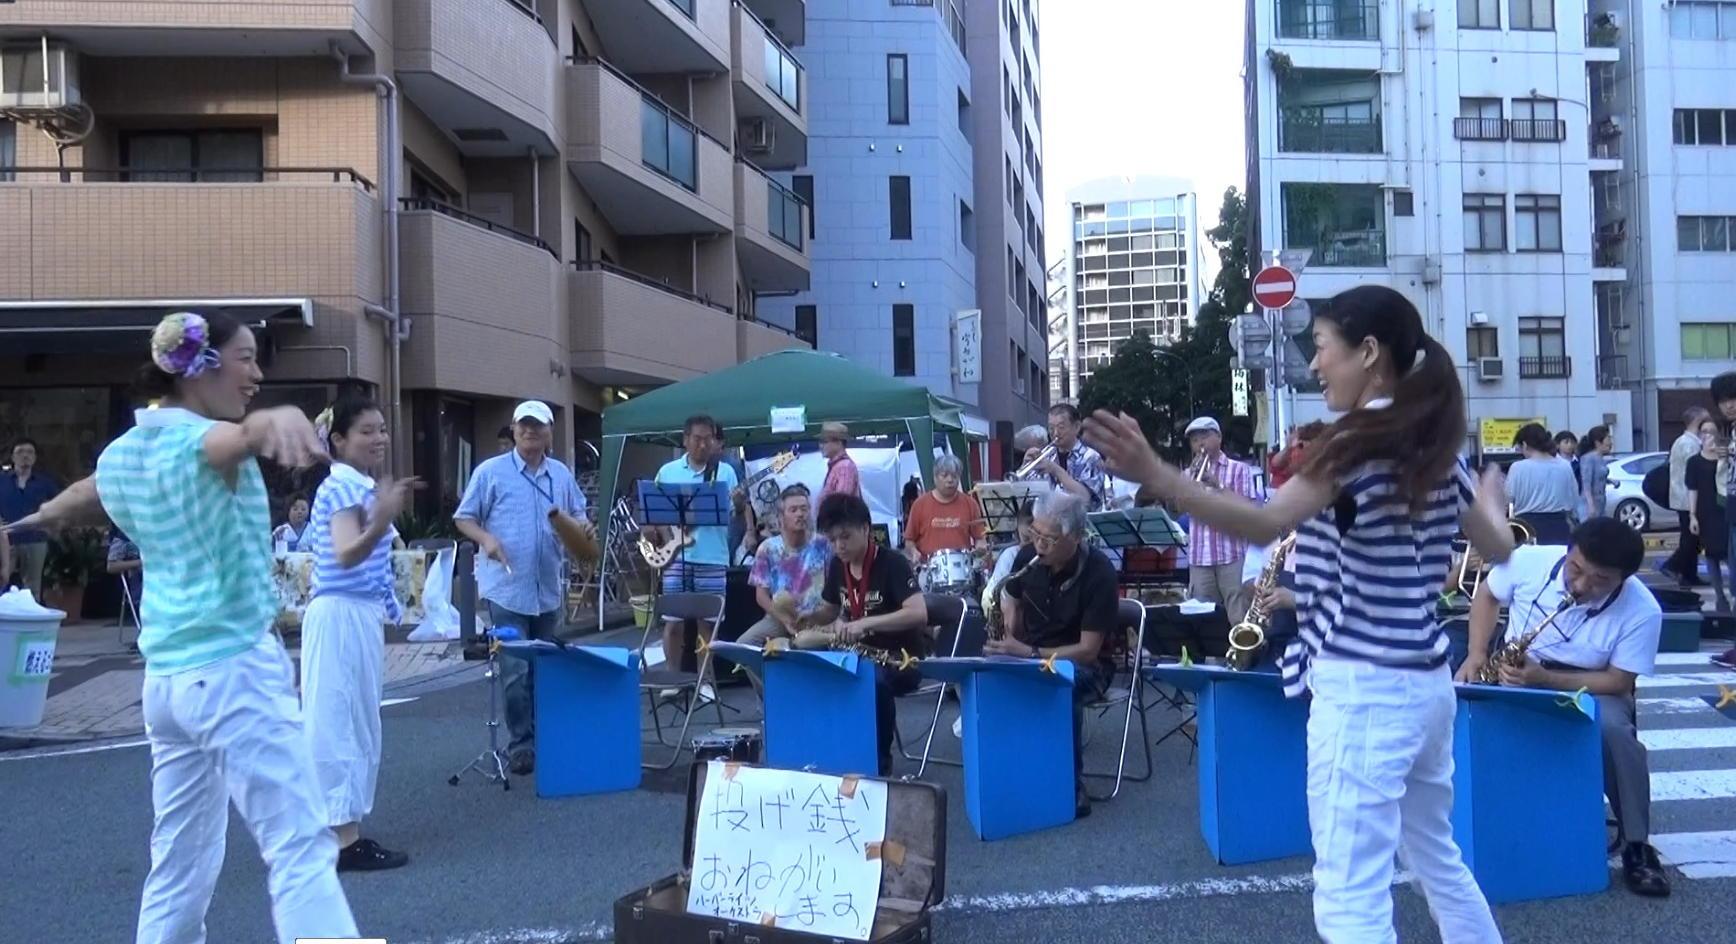 横浜吉田まちじゅうビアガーデンのフェスティバル14.8.23_e0221892_11144162.jpg